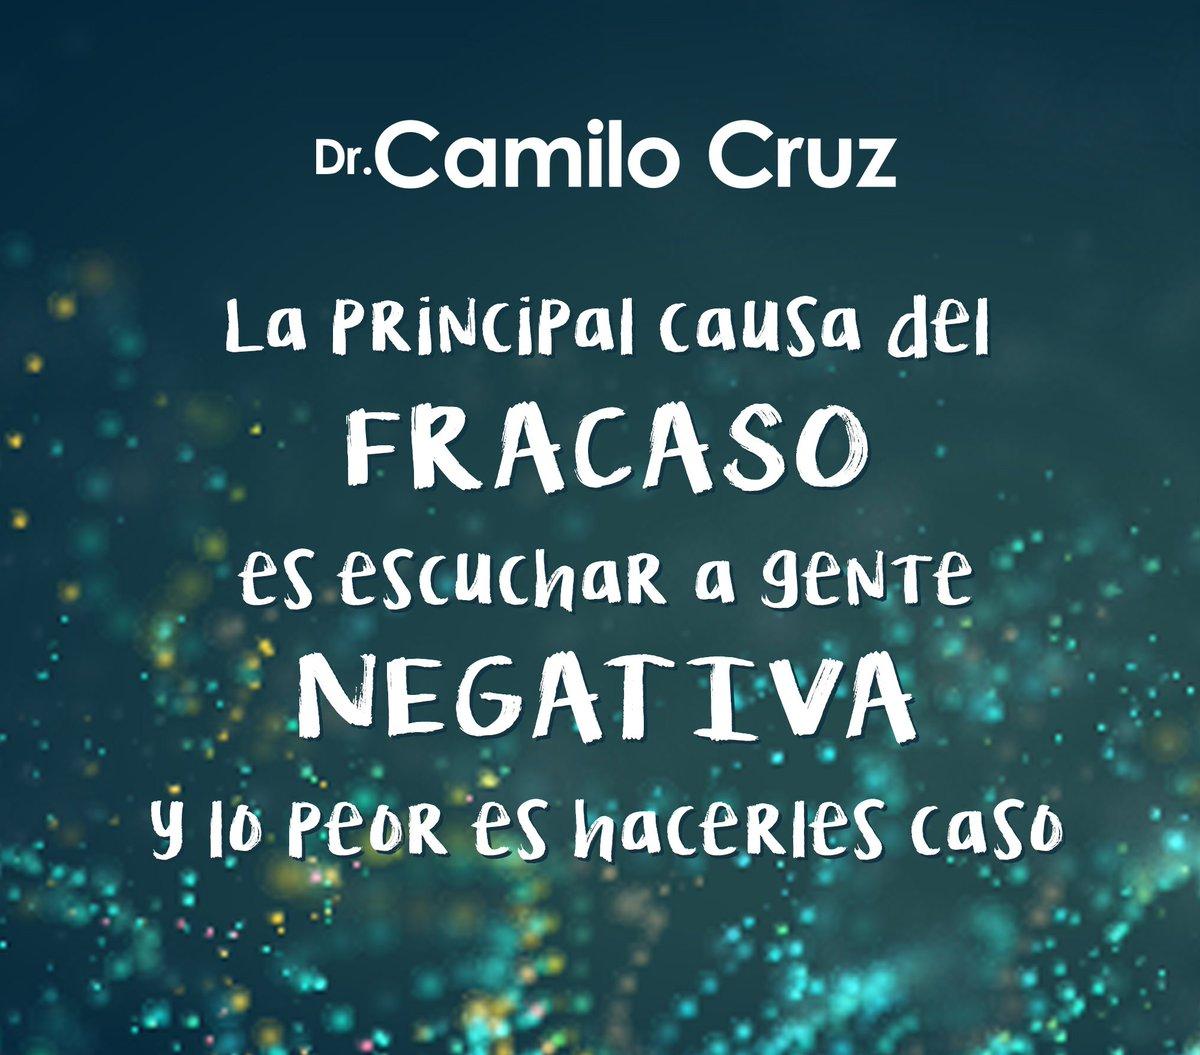 Camilo Cruz On Twitter La Principal Causa Del Fracaso Es